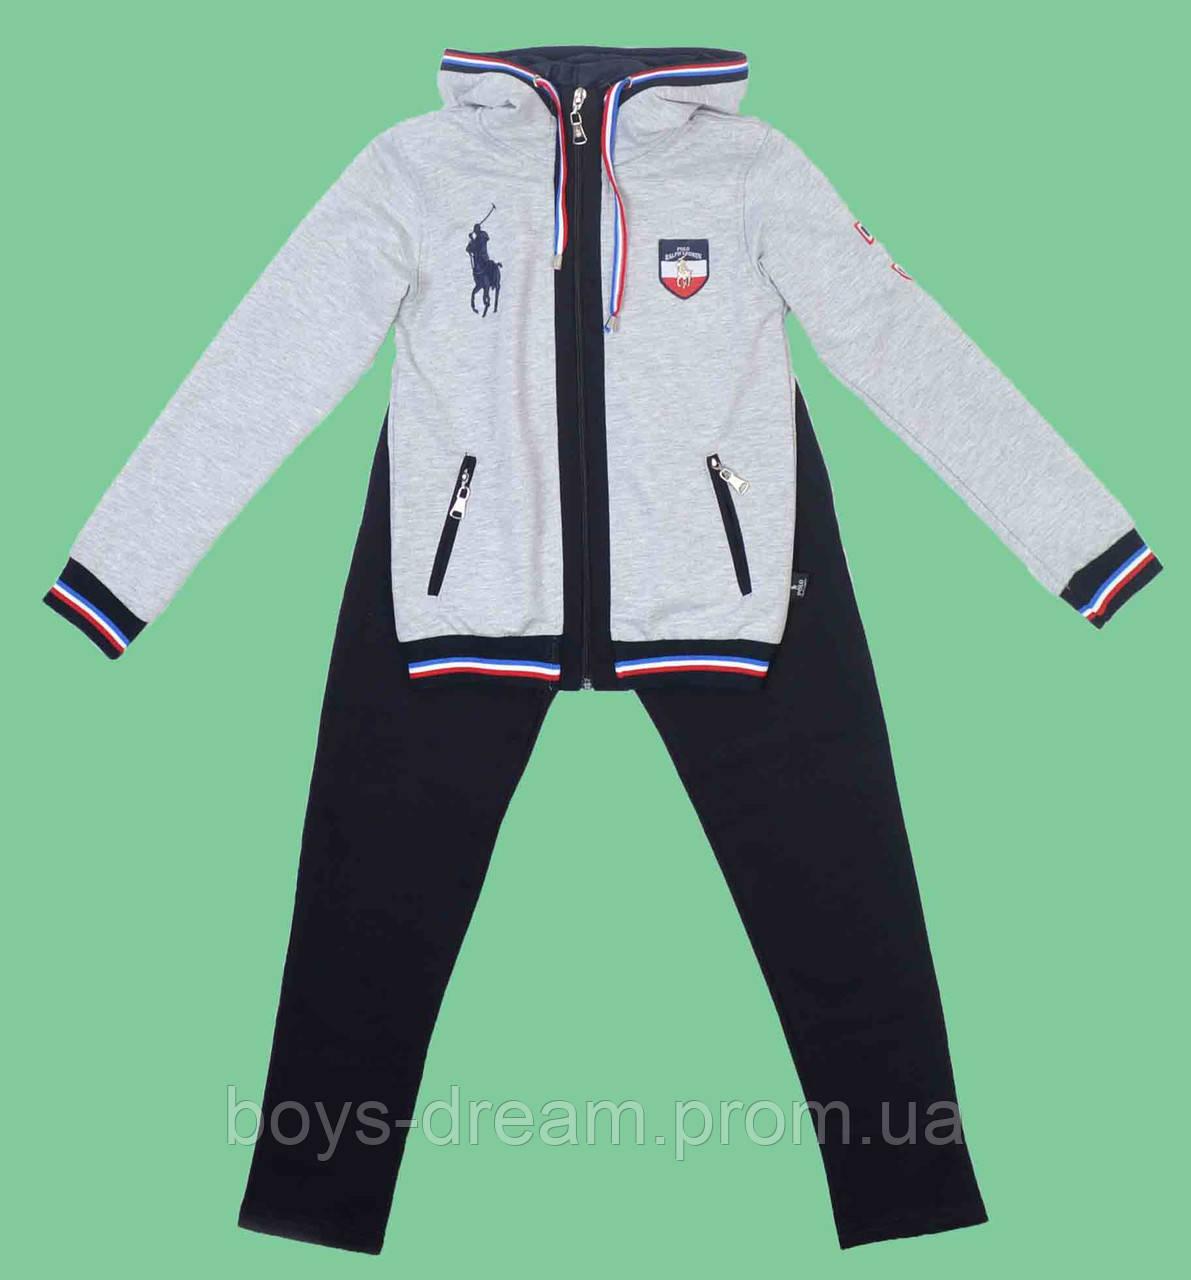 Спортивный костюм для мальчика (140)  Ralph Lauren (Турция)